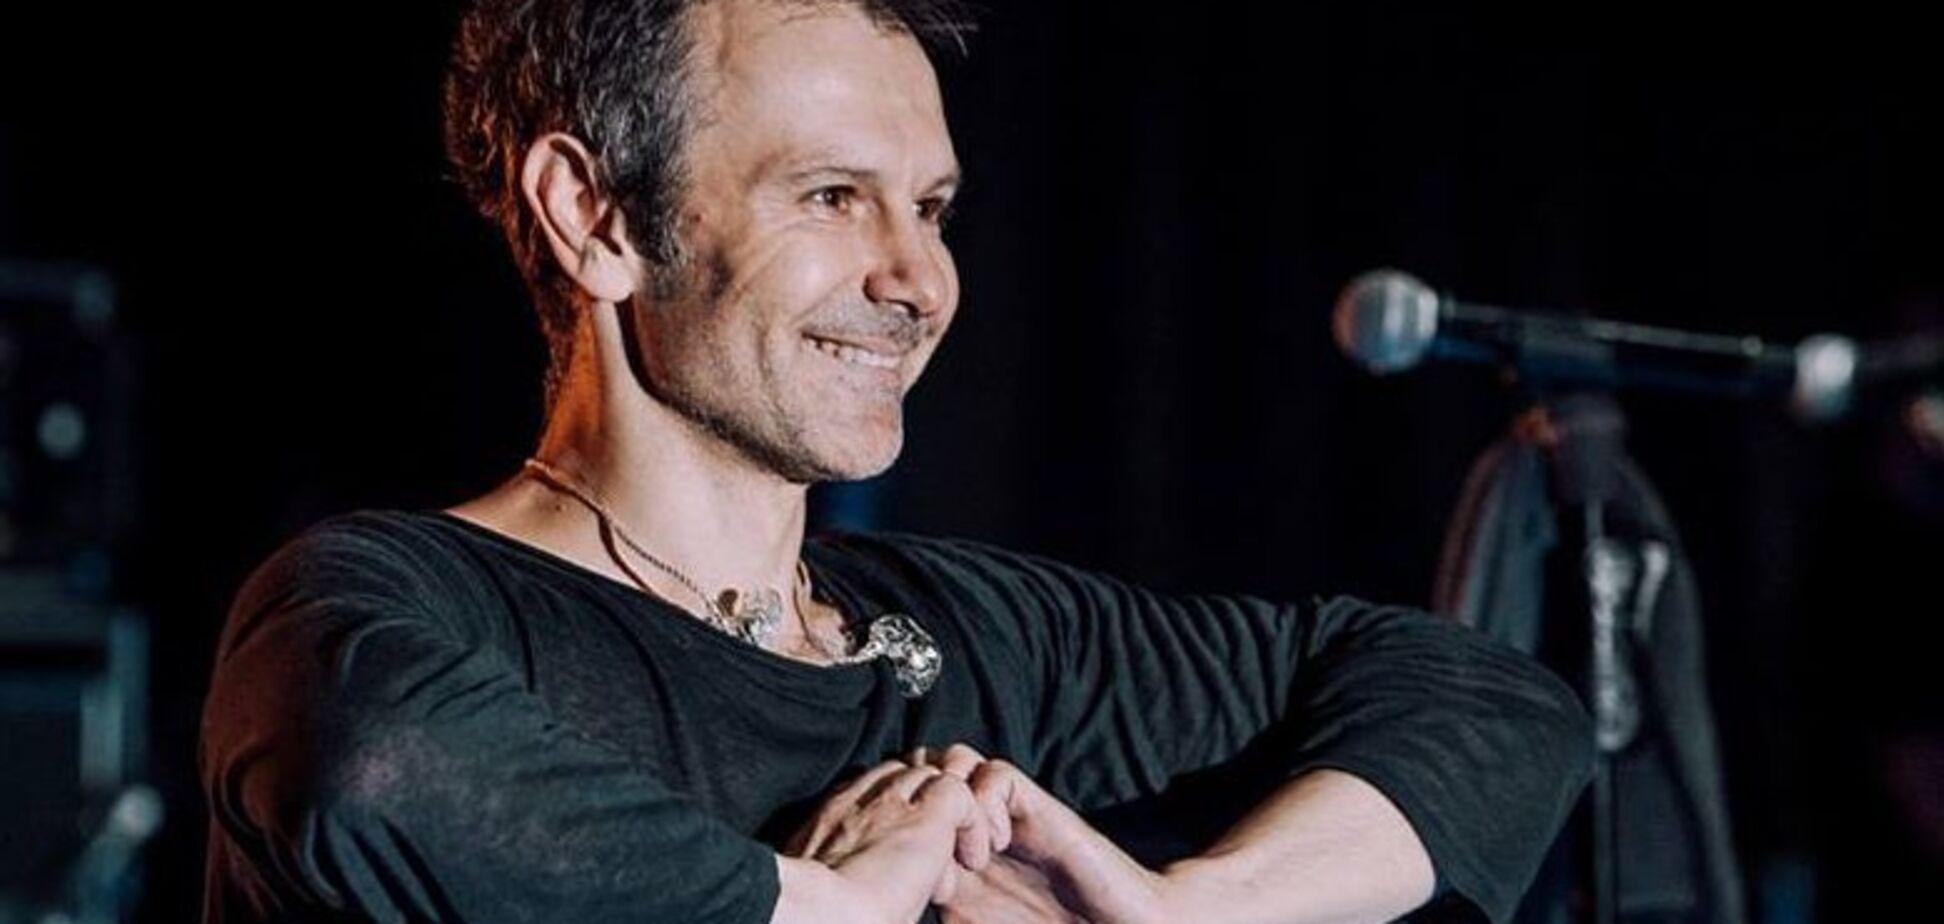 ''Сжимаются кулаки!'' Вакарчук заговорил об отказе от музыки ради политики